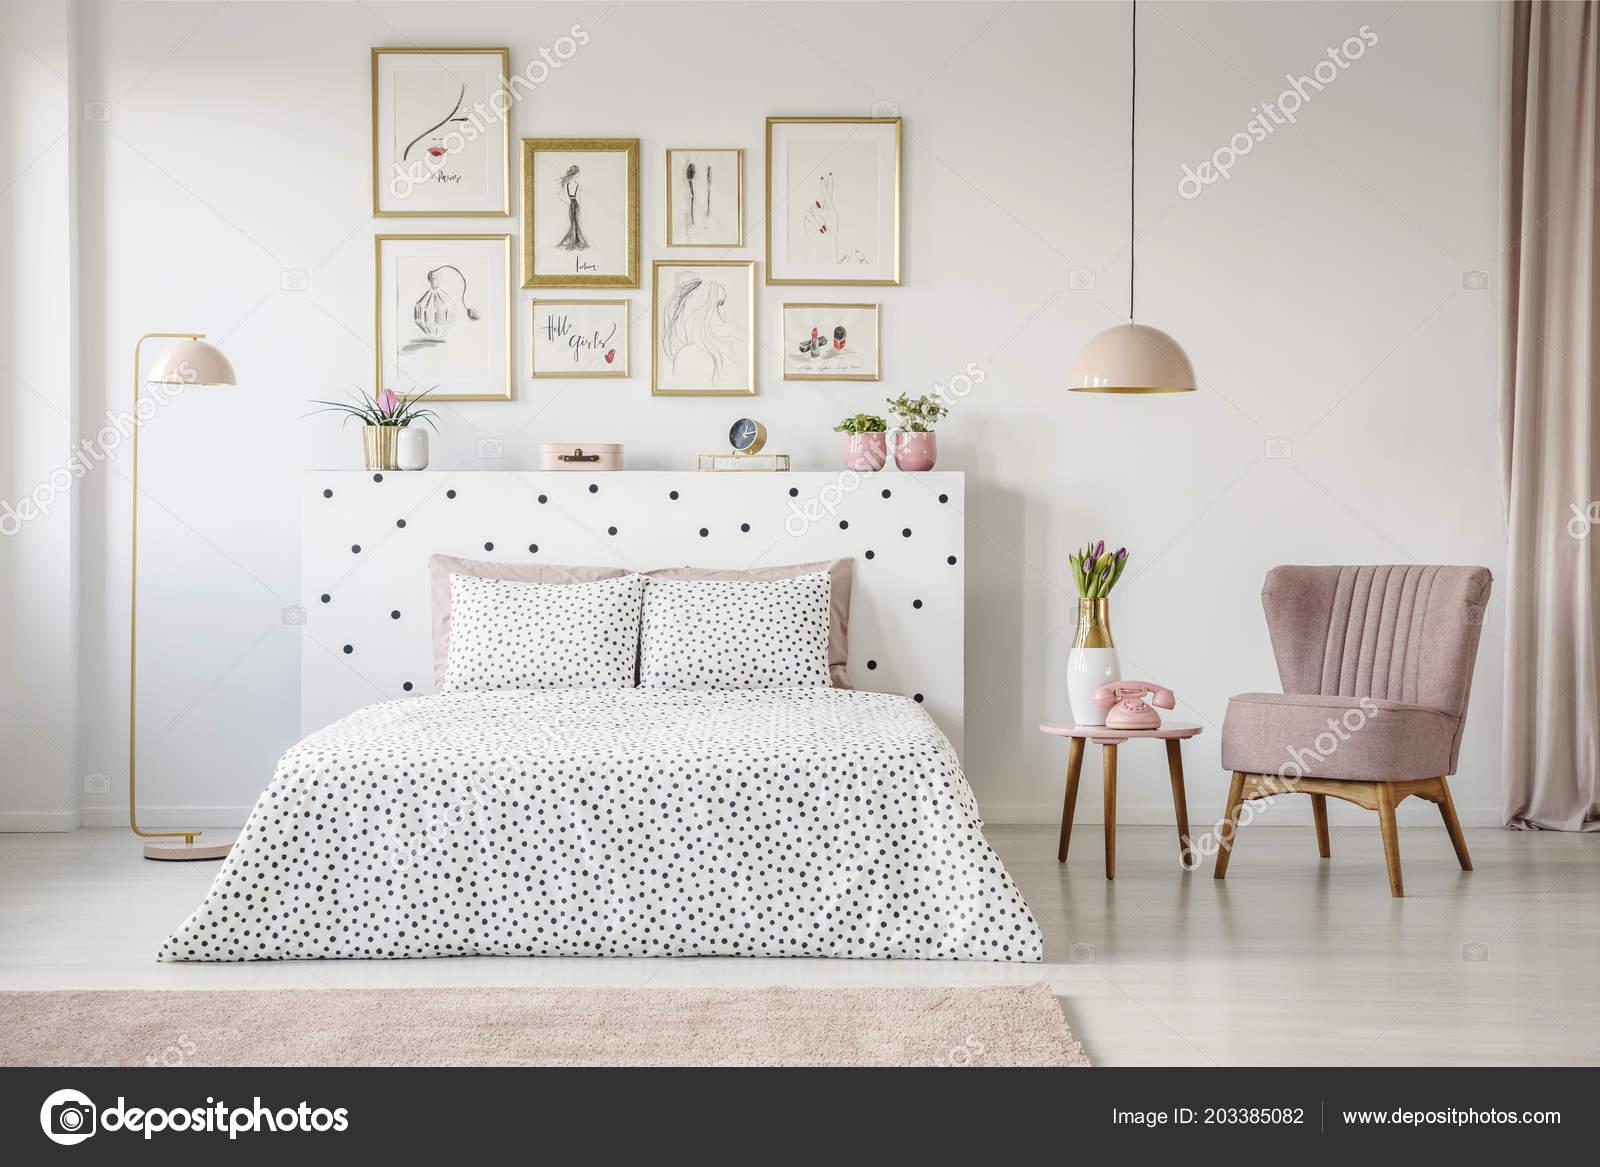 Camera Da Letto Al Femminile : Poltrona rosa accanto letto con motivi interiore femminile camera